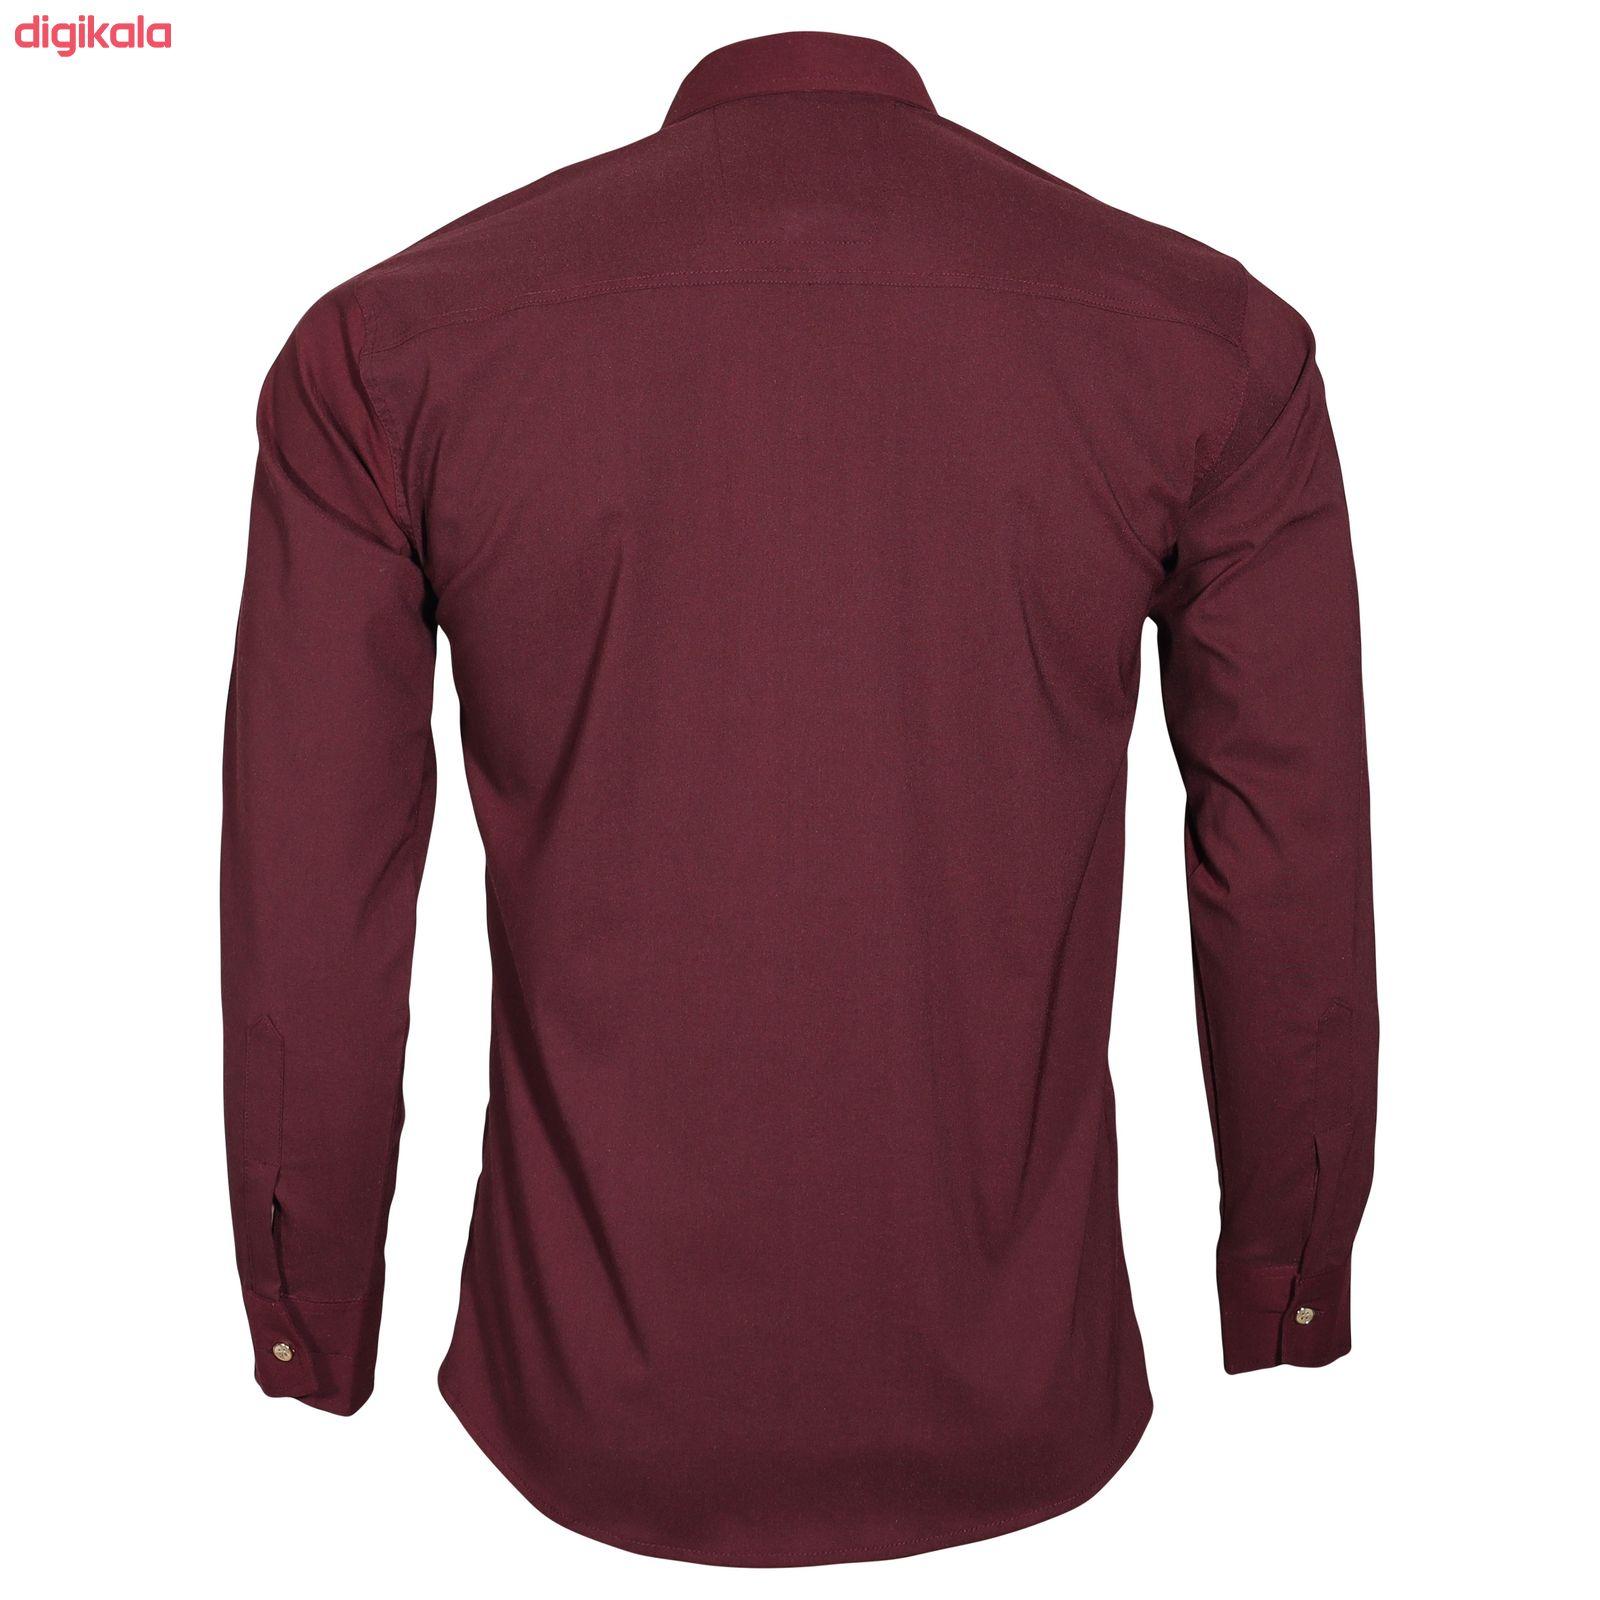 پیراهن آستین بلند مردانه مدل zk10023 main 1 2